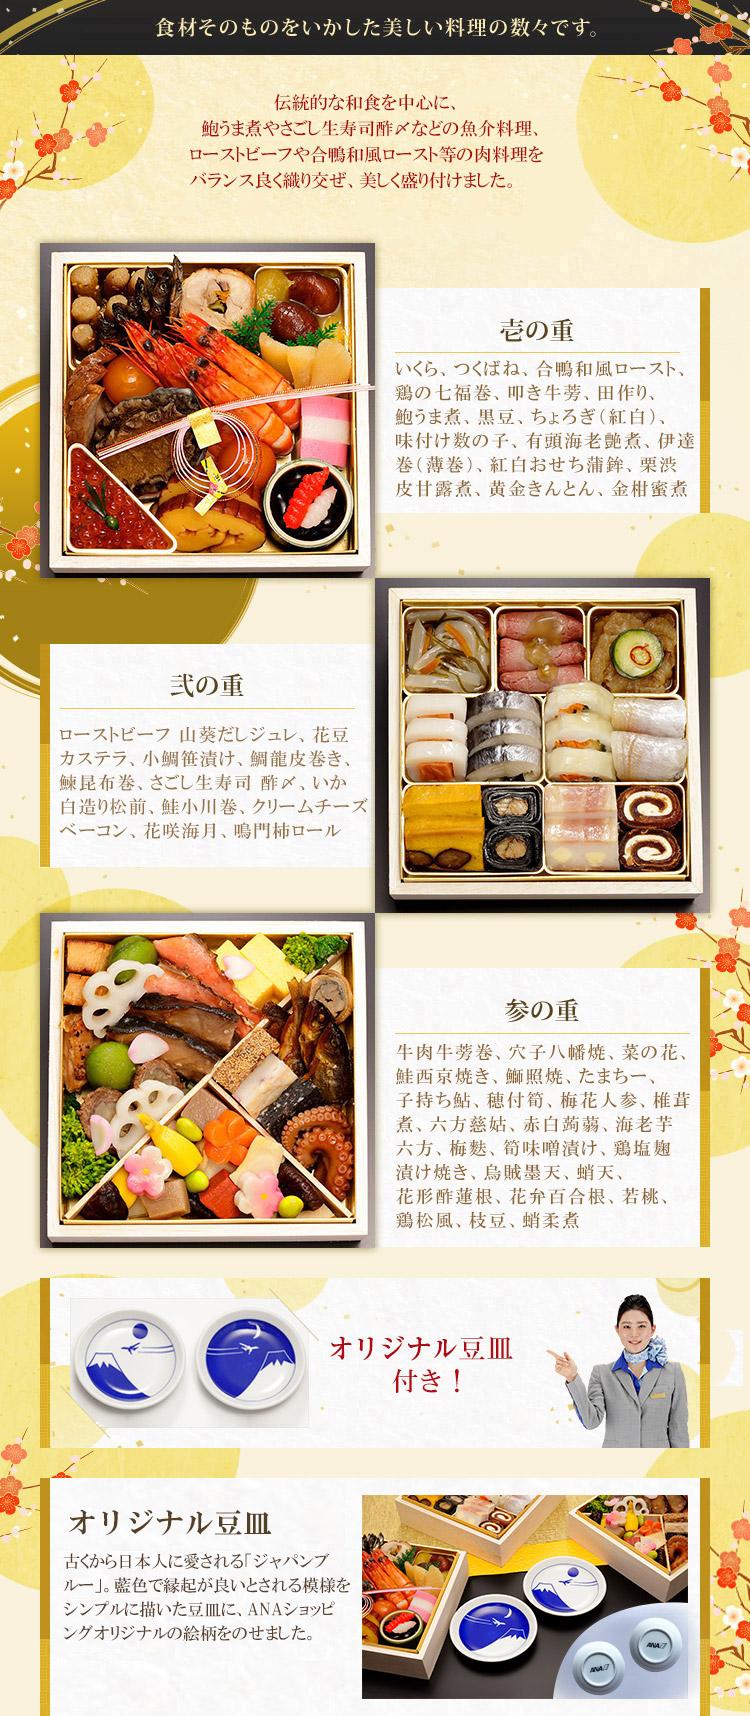 食材そのものをいかした美しい料理の数々です。